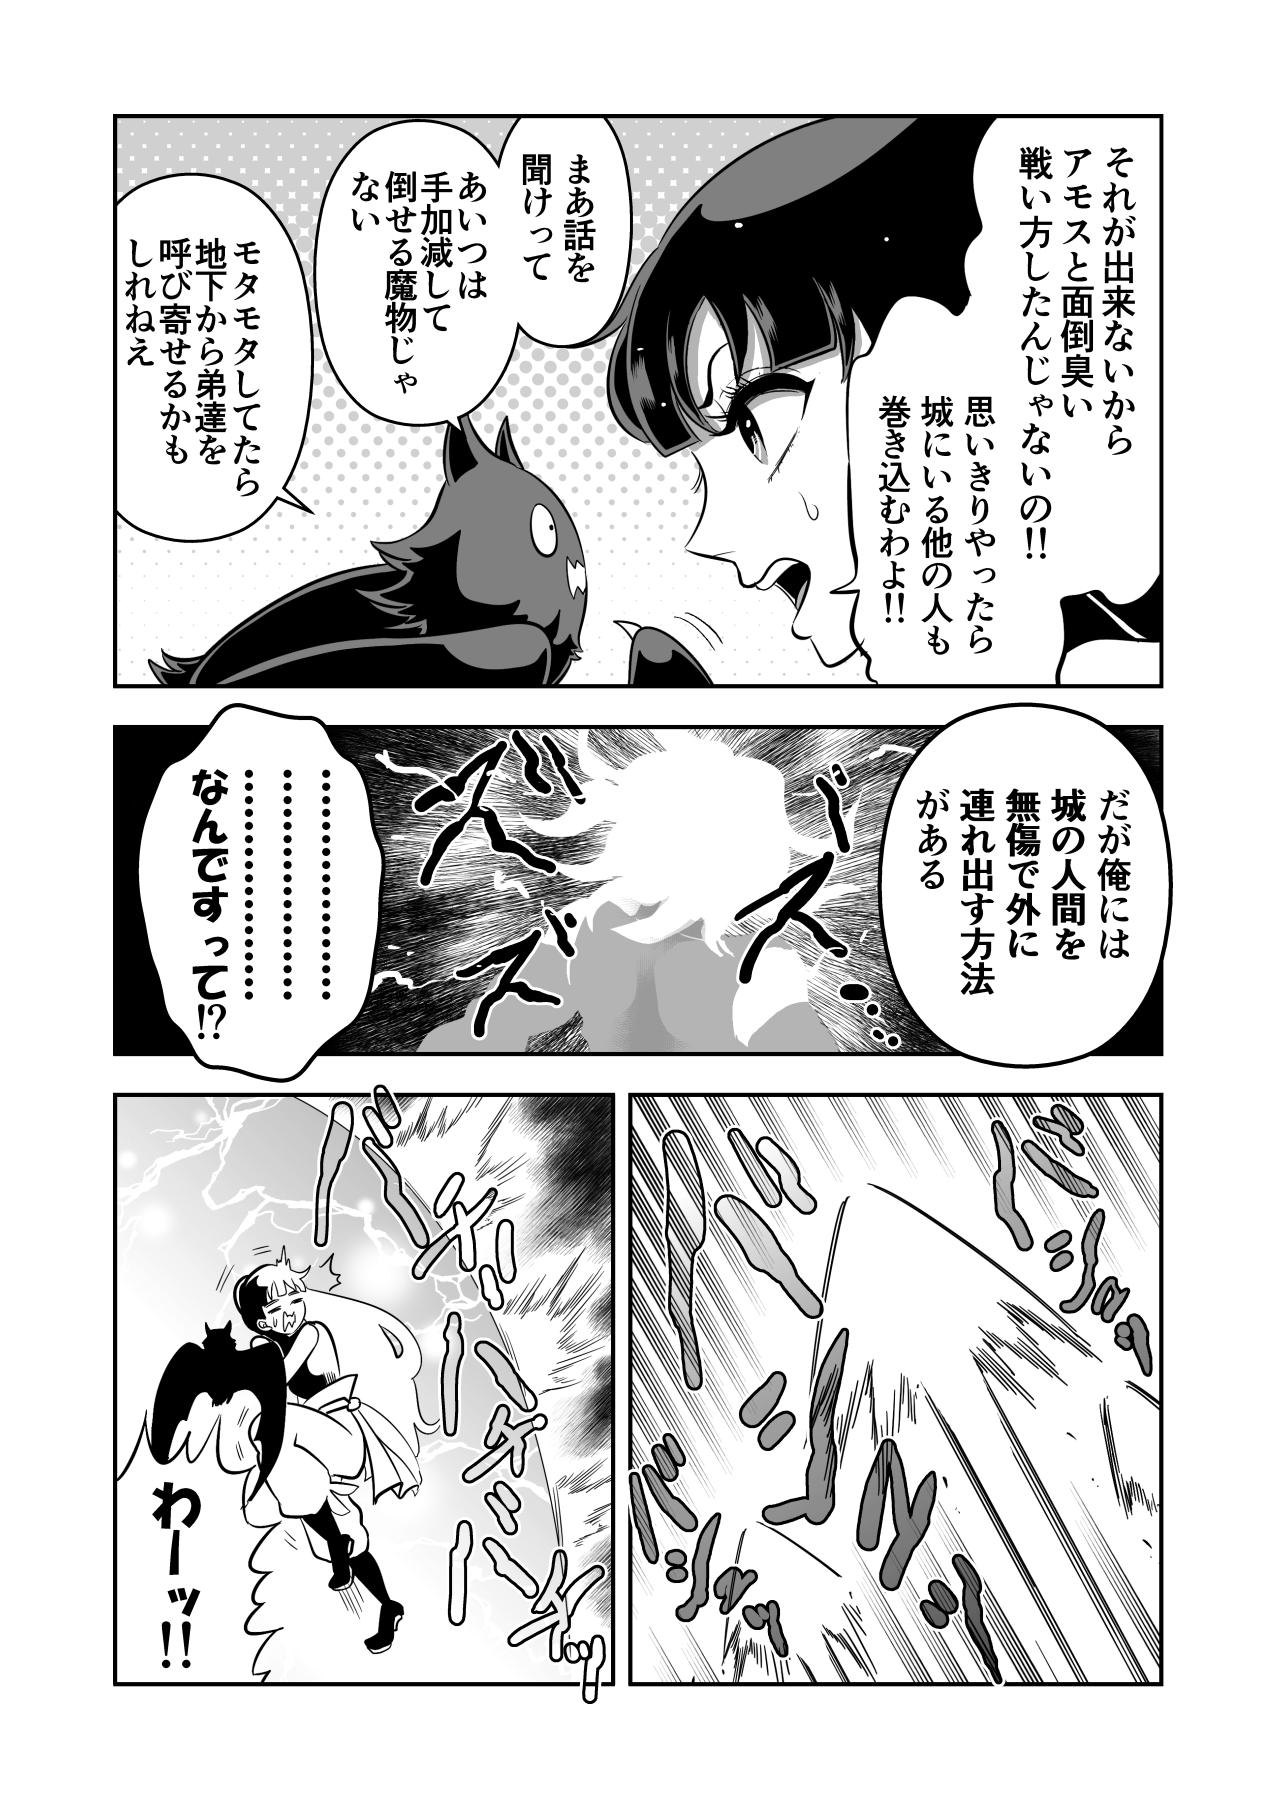 ヤサグレ魔女と第1王子と吸血鬼⑬ (16)-min